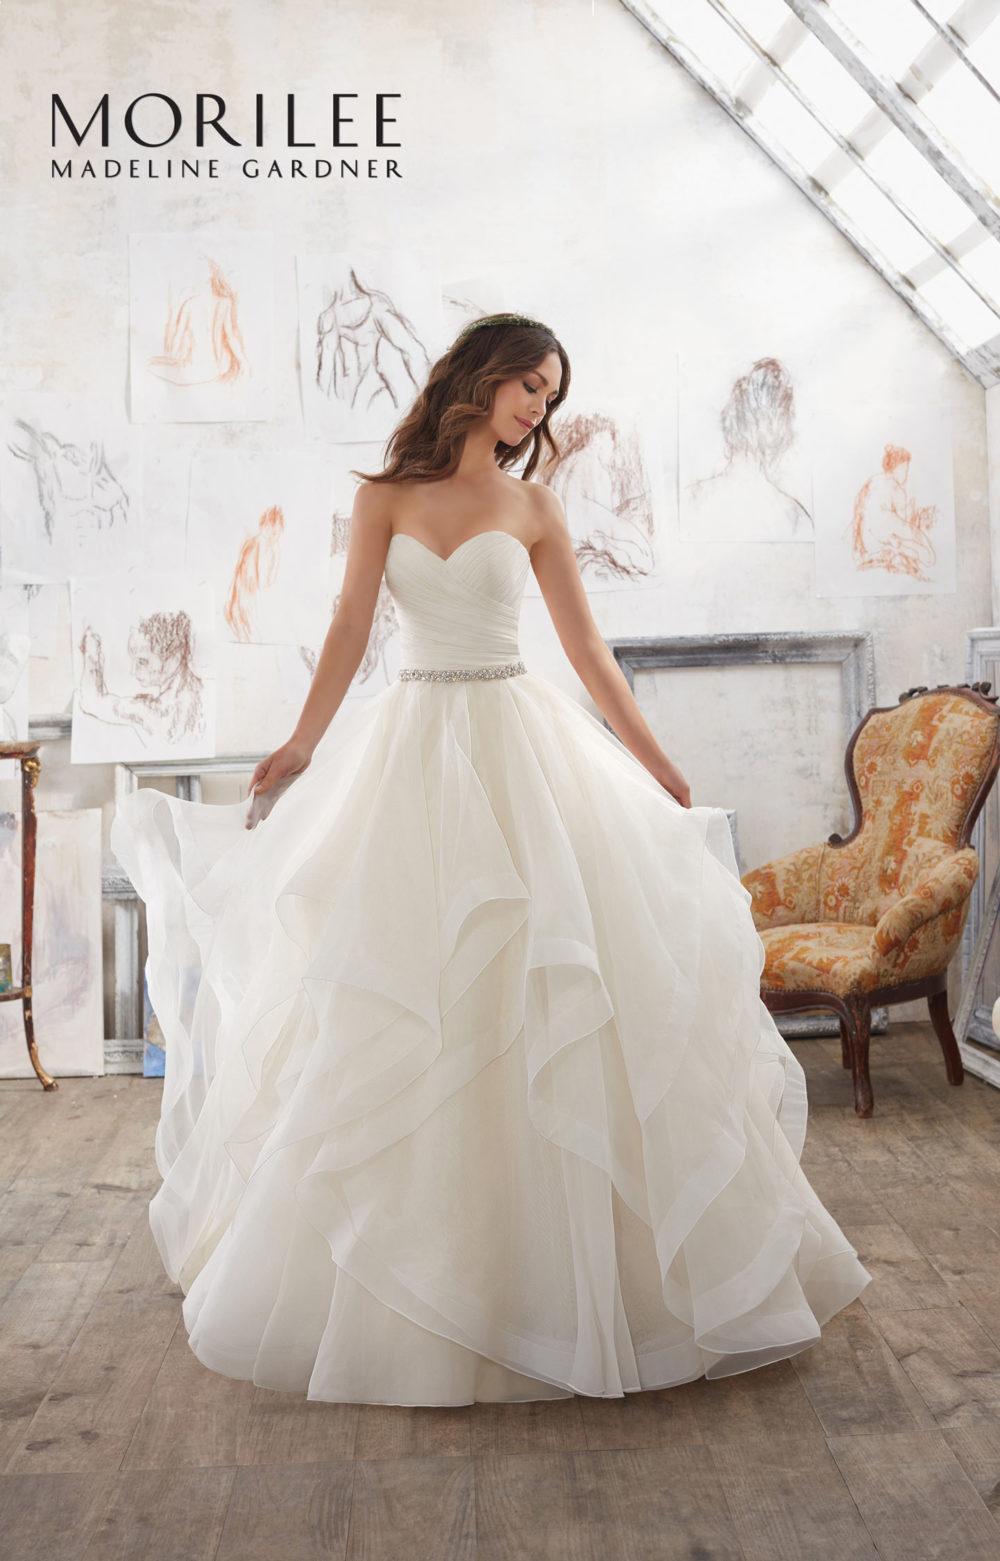 Mariages: abito da sposa Morilee 2020 a Vicenza, Verona, Padova, Veneto 5504